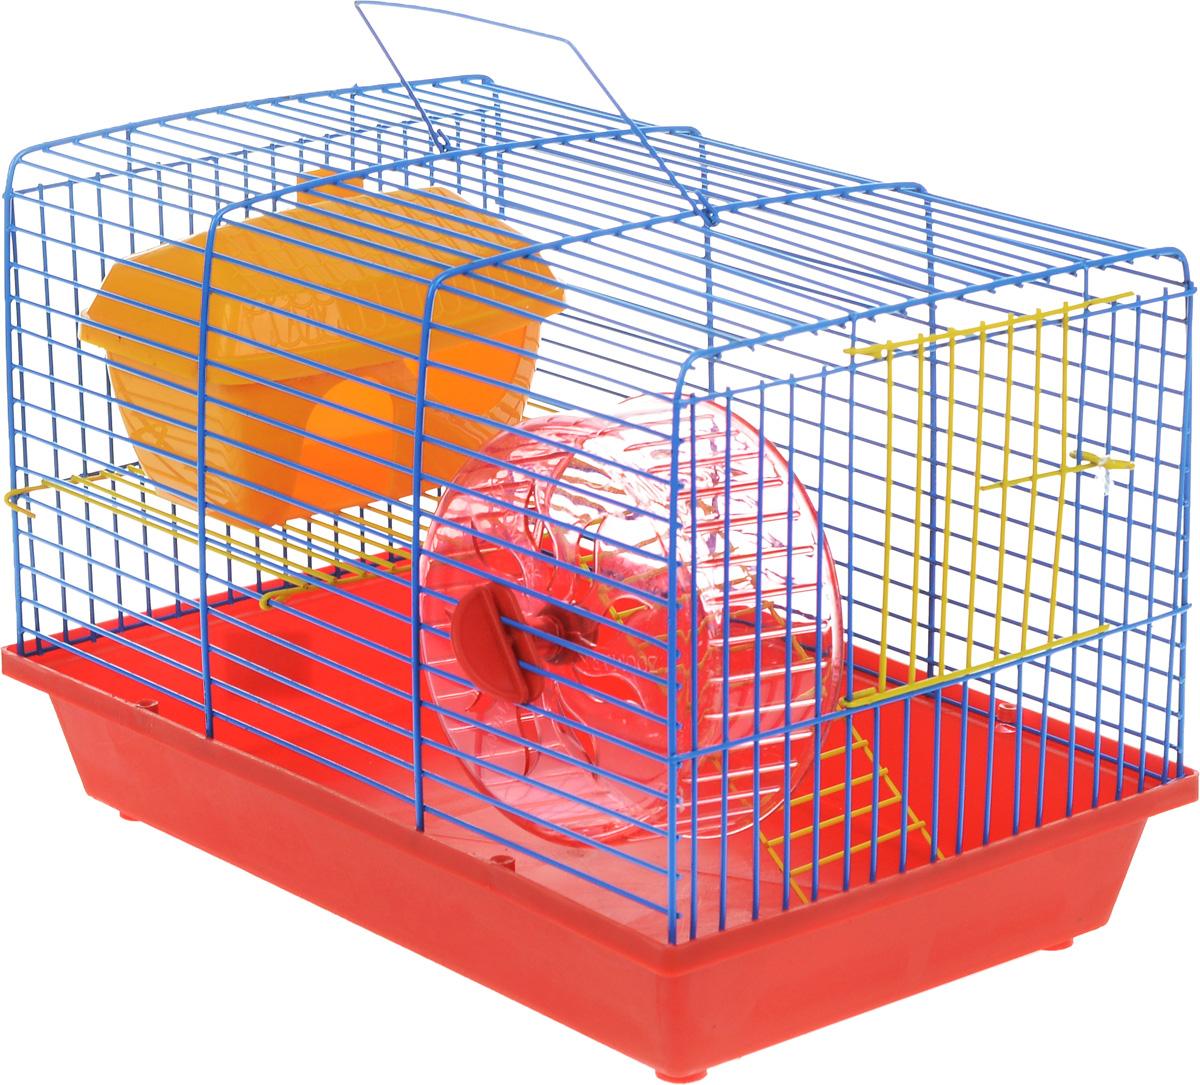 Клетка для грызунов ЗооМарк, 2-этажная, цвет: красный поддон, синяя решетка, желтый этаж, 36 х 22 х 24 см. 125ж125ж_красный, синий, желтыйКлетка ЗооМарк, выполненная из полипропилена и металла, подходит для мелких грызунов. Изделие двухэтажное, оборудовано колесом для подвижных игр и пластиковым домиком. Клетка имеет яркий поддон, удобна в использовании и легко чистится. Сверху имеется ручка для переноски. Такая клетка станет уединенным личным пространством и уютным домиком для маленького грызуна.